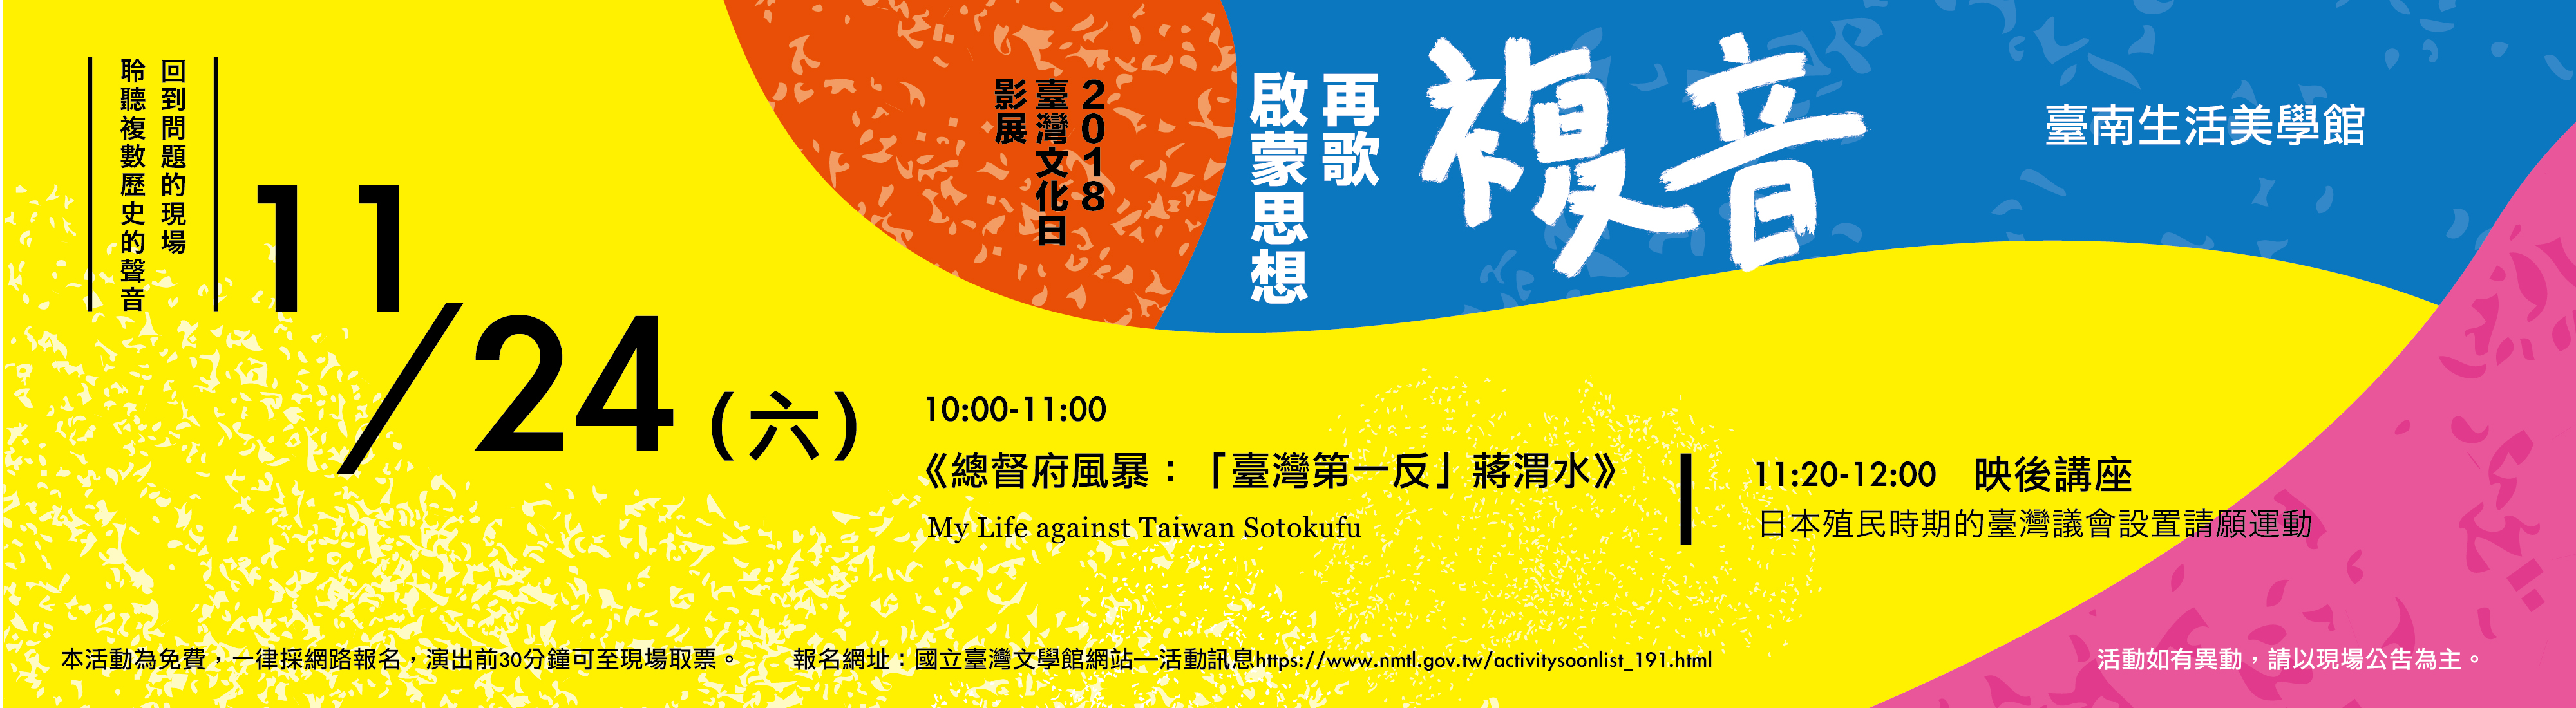 臺灣文化日影展